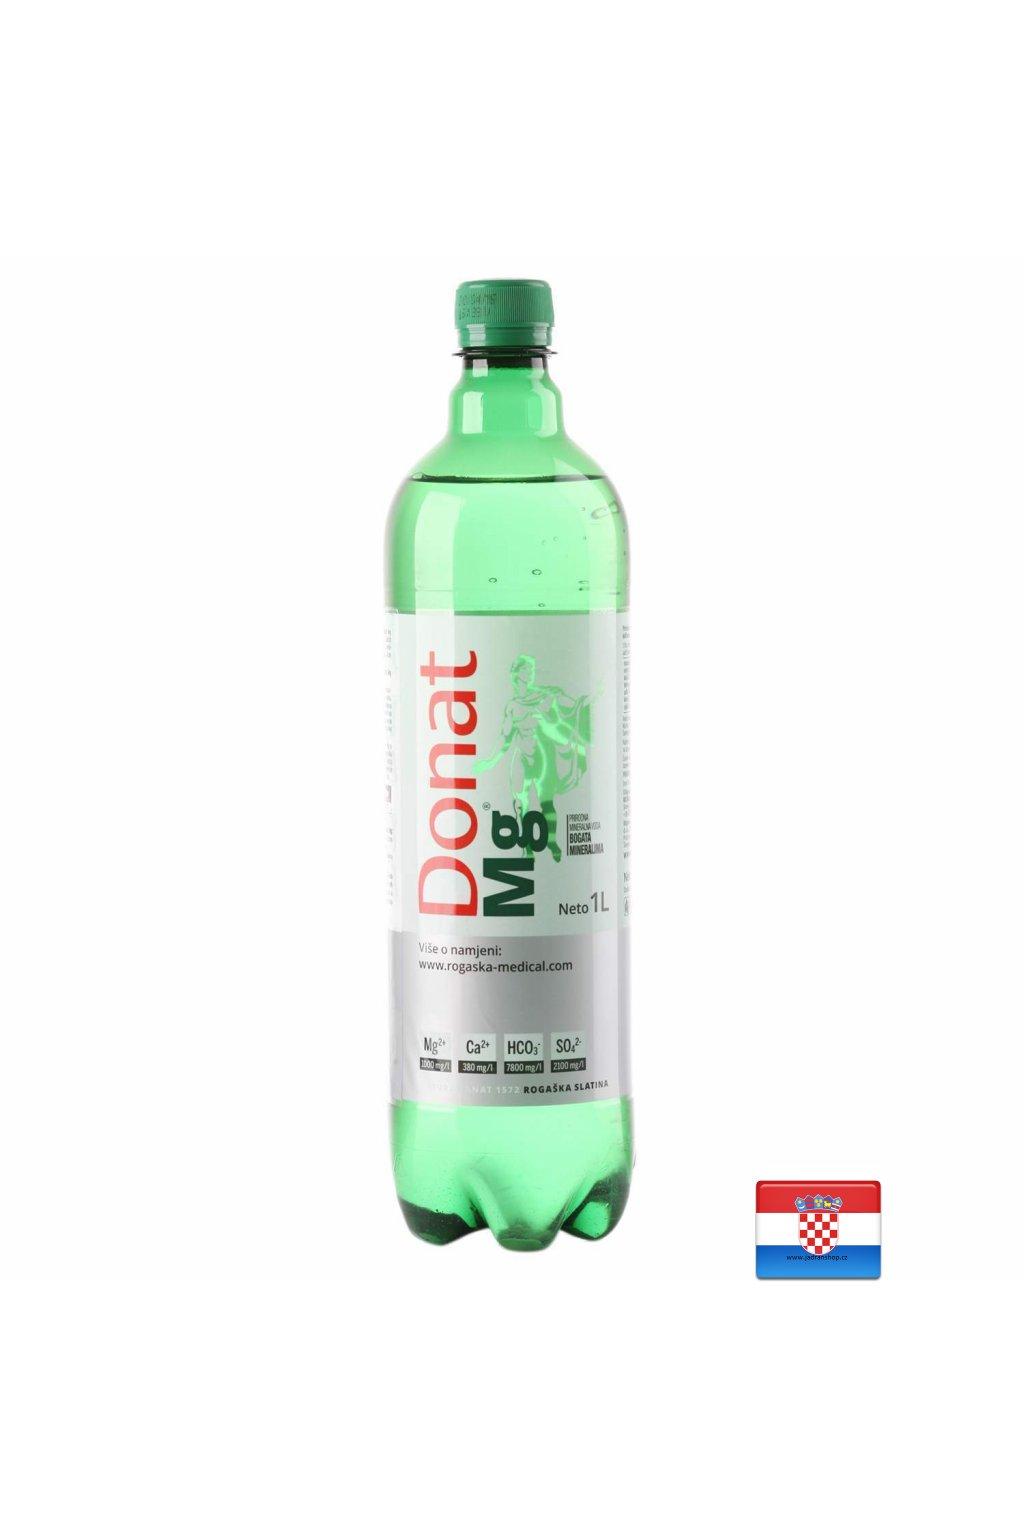 Donat Mg Woda mineralna z wysoką zawartością magnezu i wapnia 1L  Dona Mg